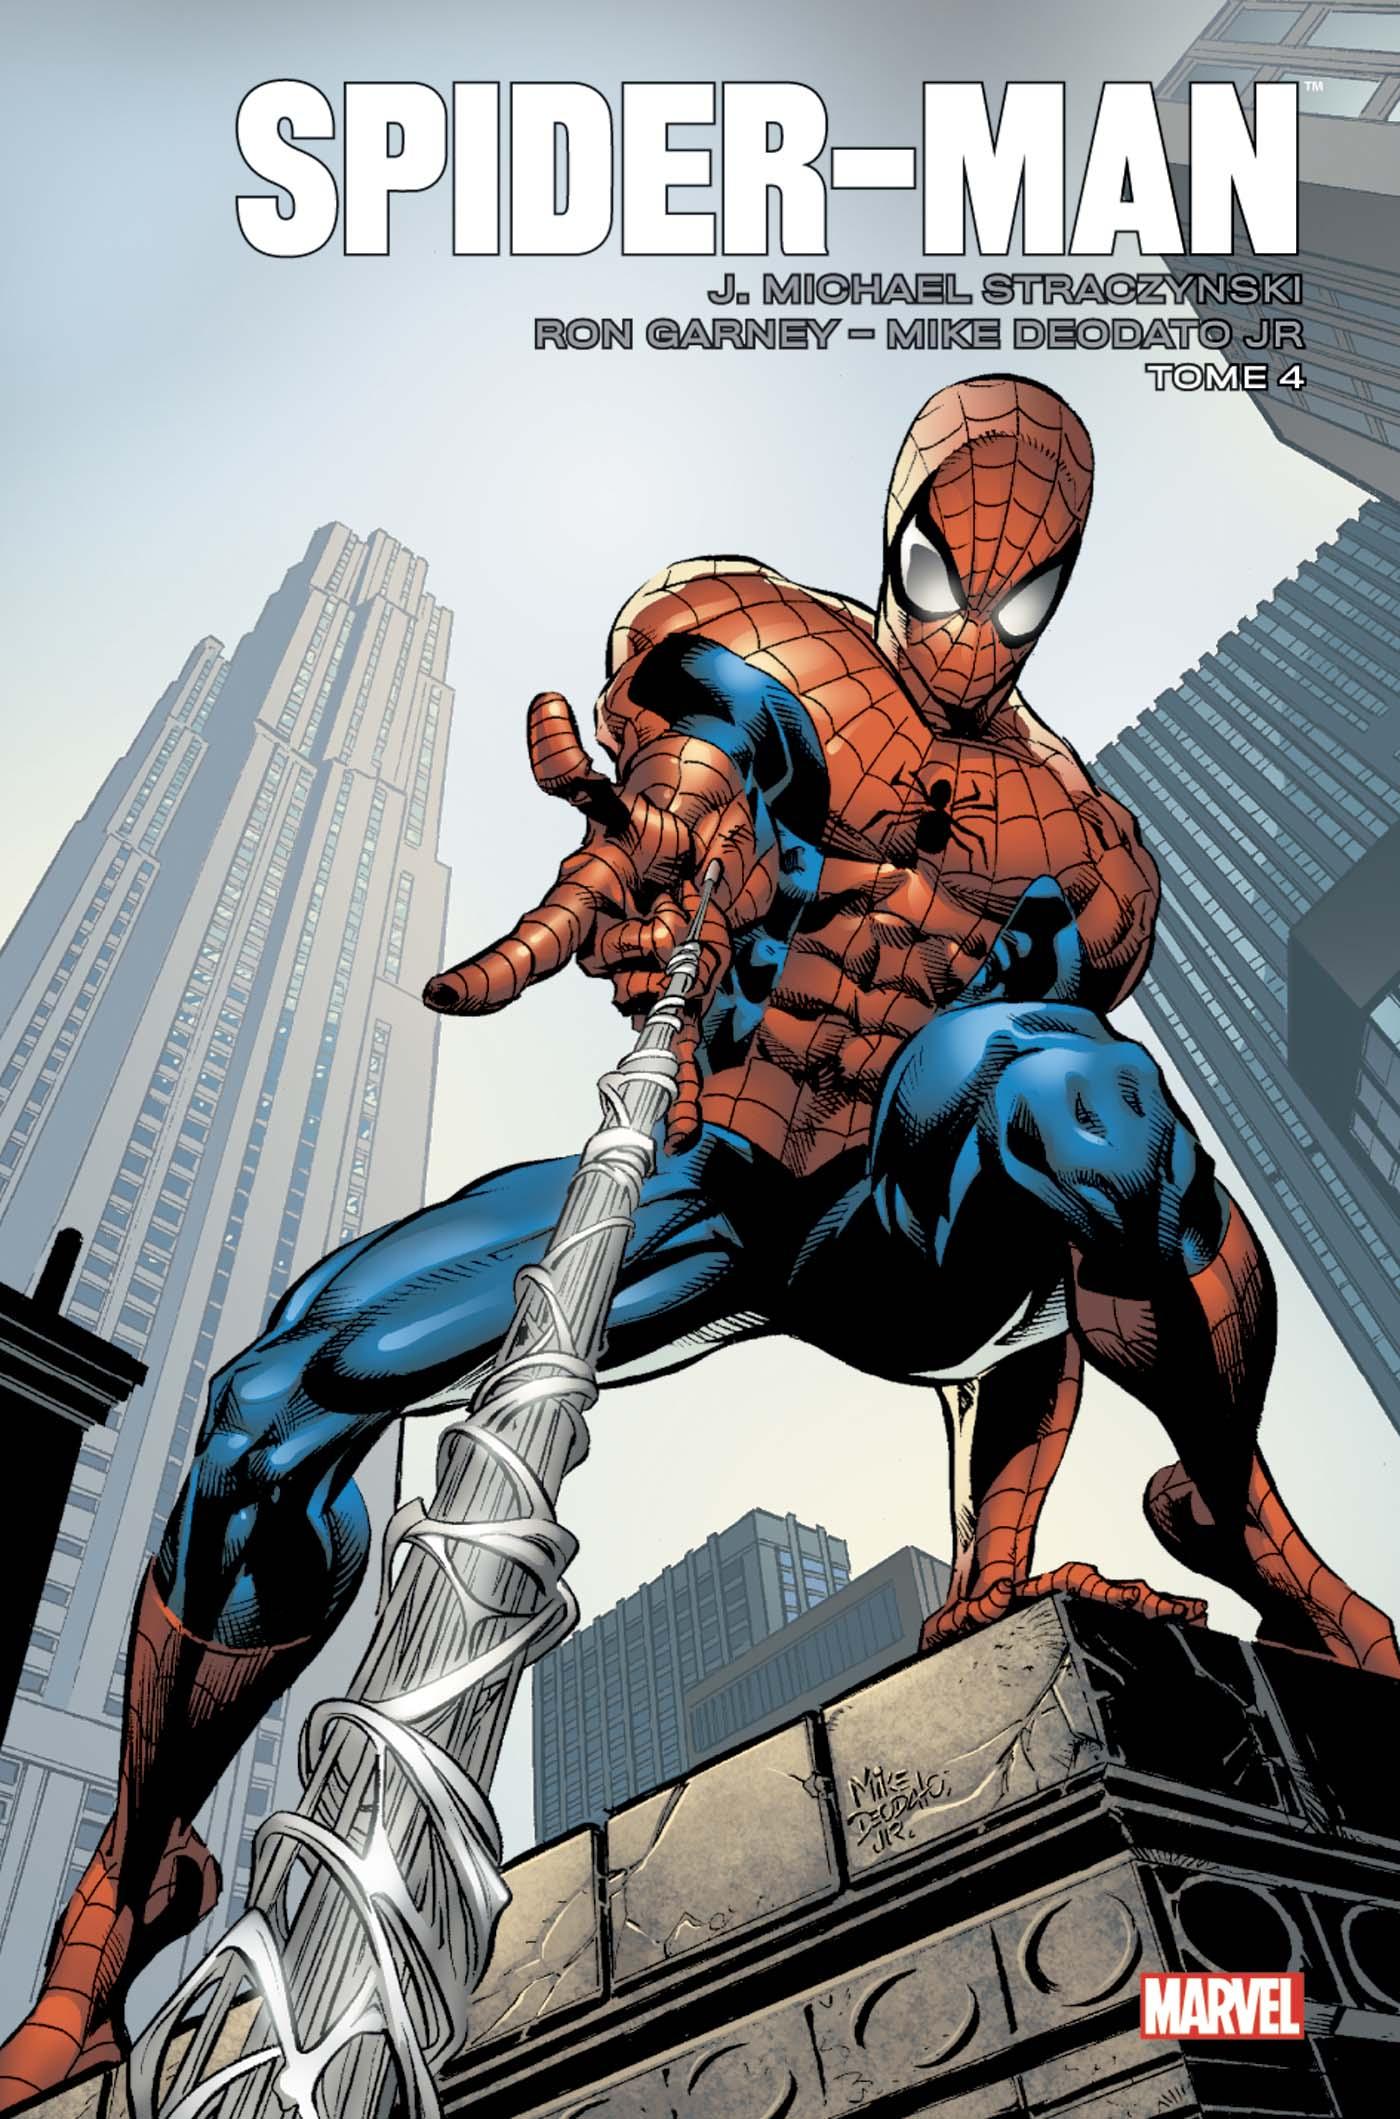 SPIDER-MAN PAR STRACZYNSKI TOME 4 (VF)